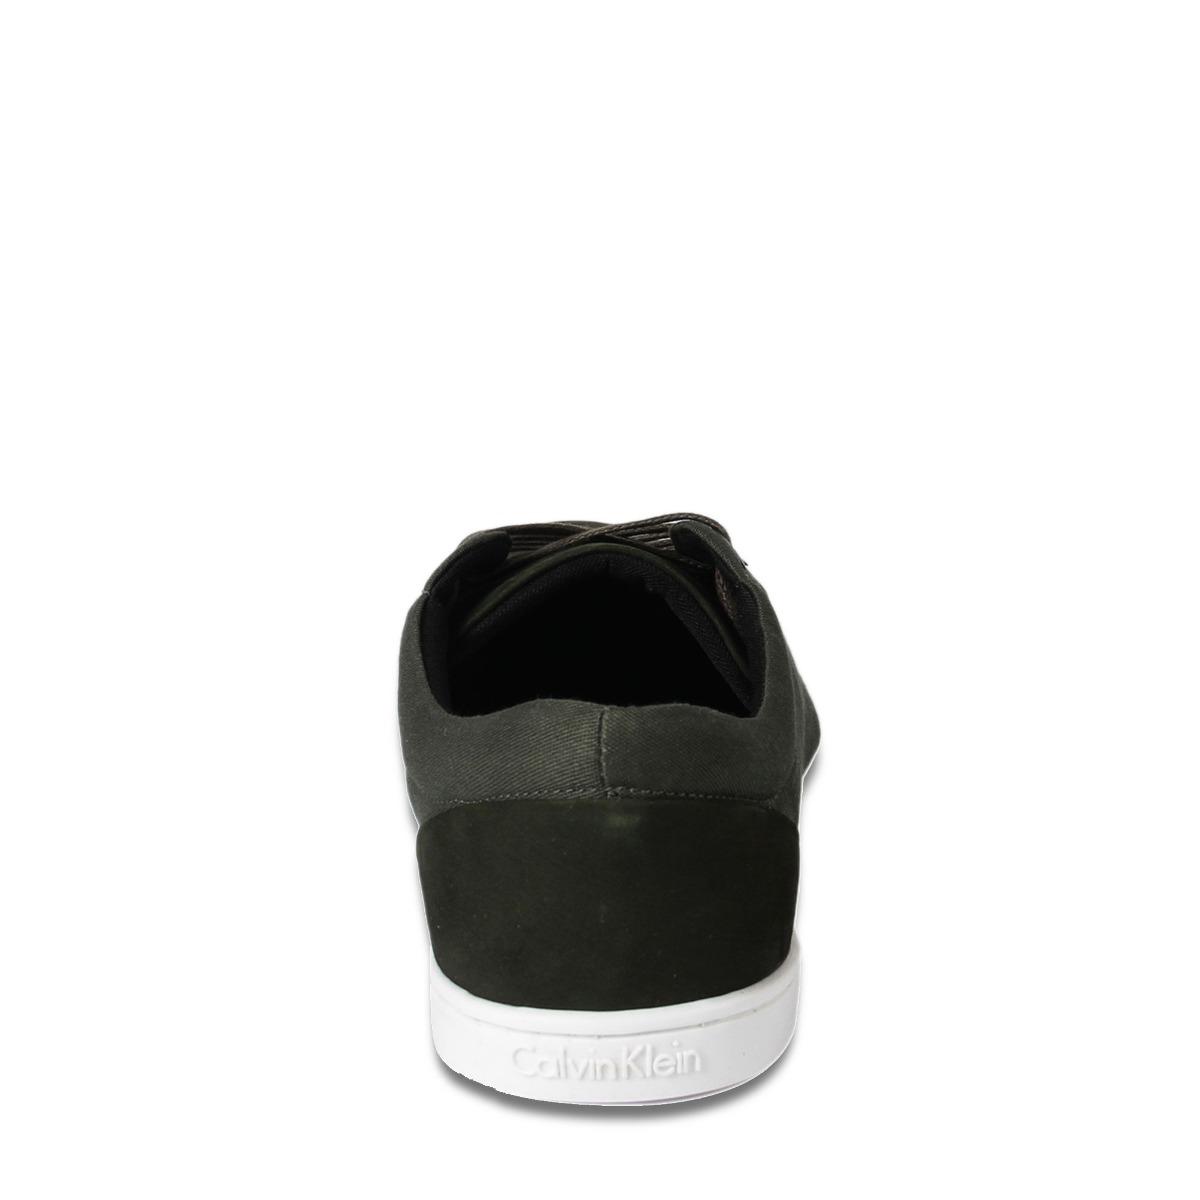 54d9f8f4cda Sapatênis De Couro Da Marca Calvin Klein. Novo Na Caixa. - R  229